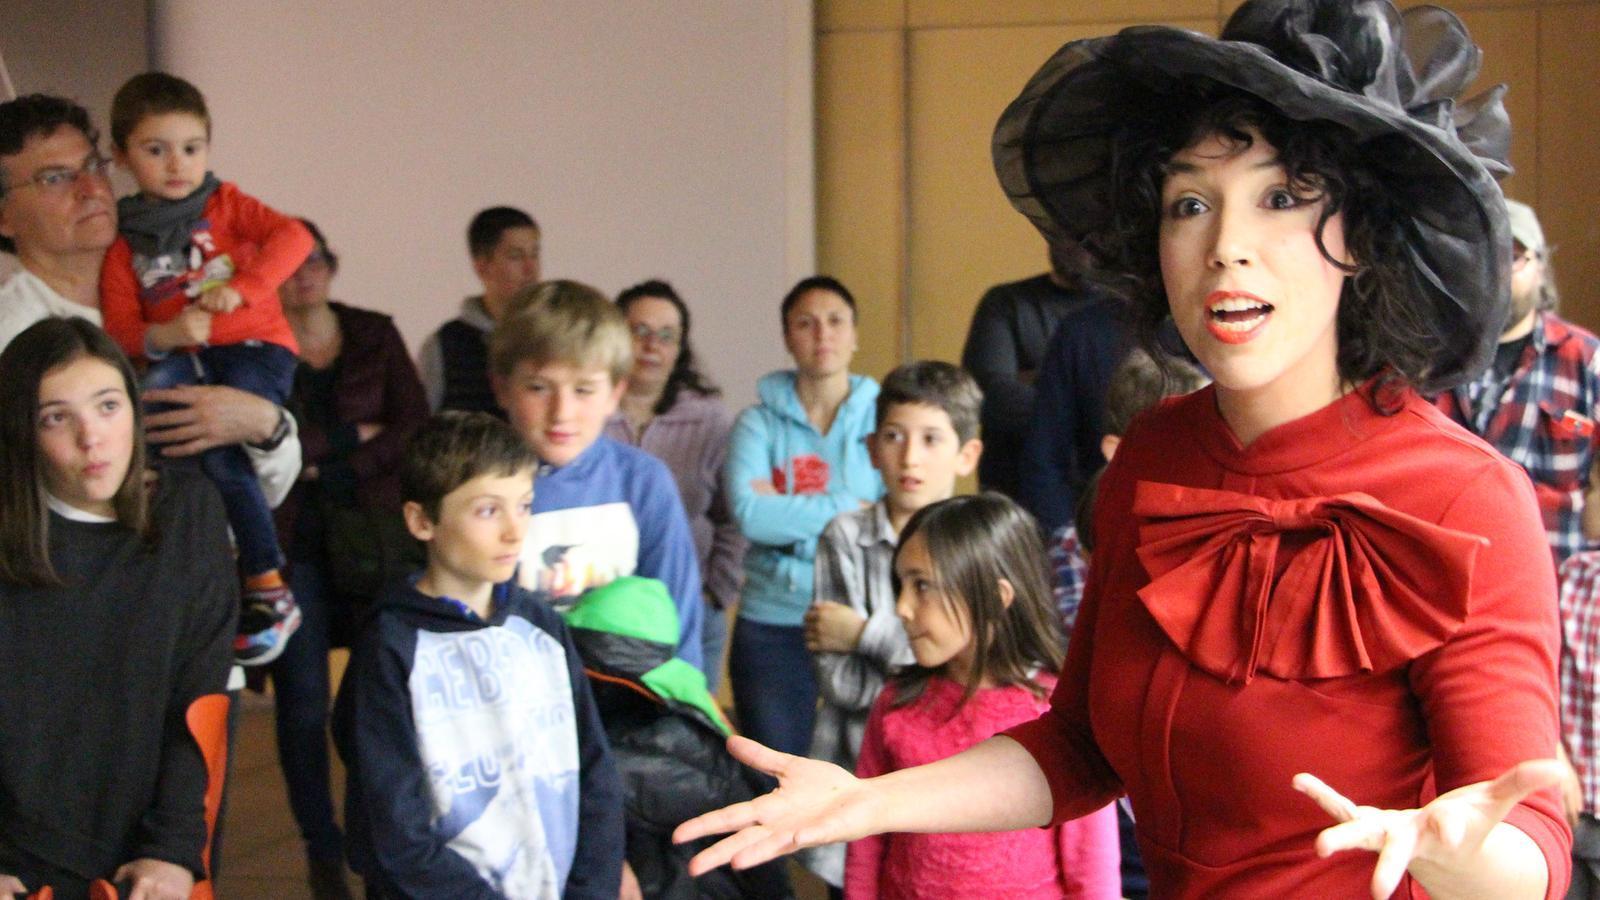 Cristina Peritas, actriu, en un moment de l'obra. / M. R. F. (ANA)